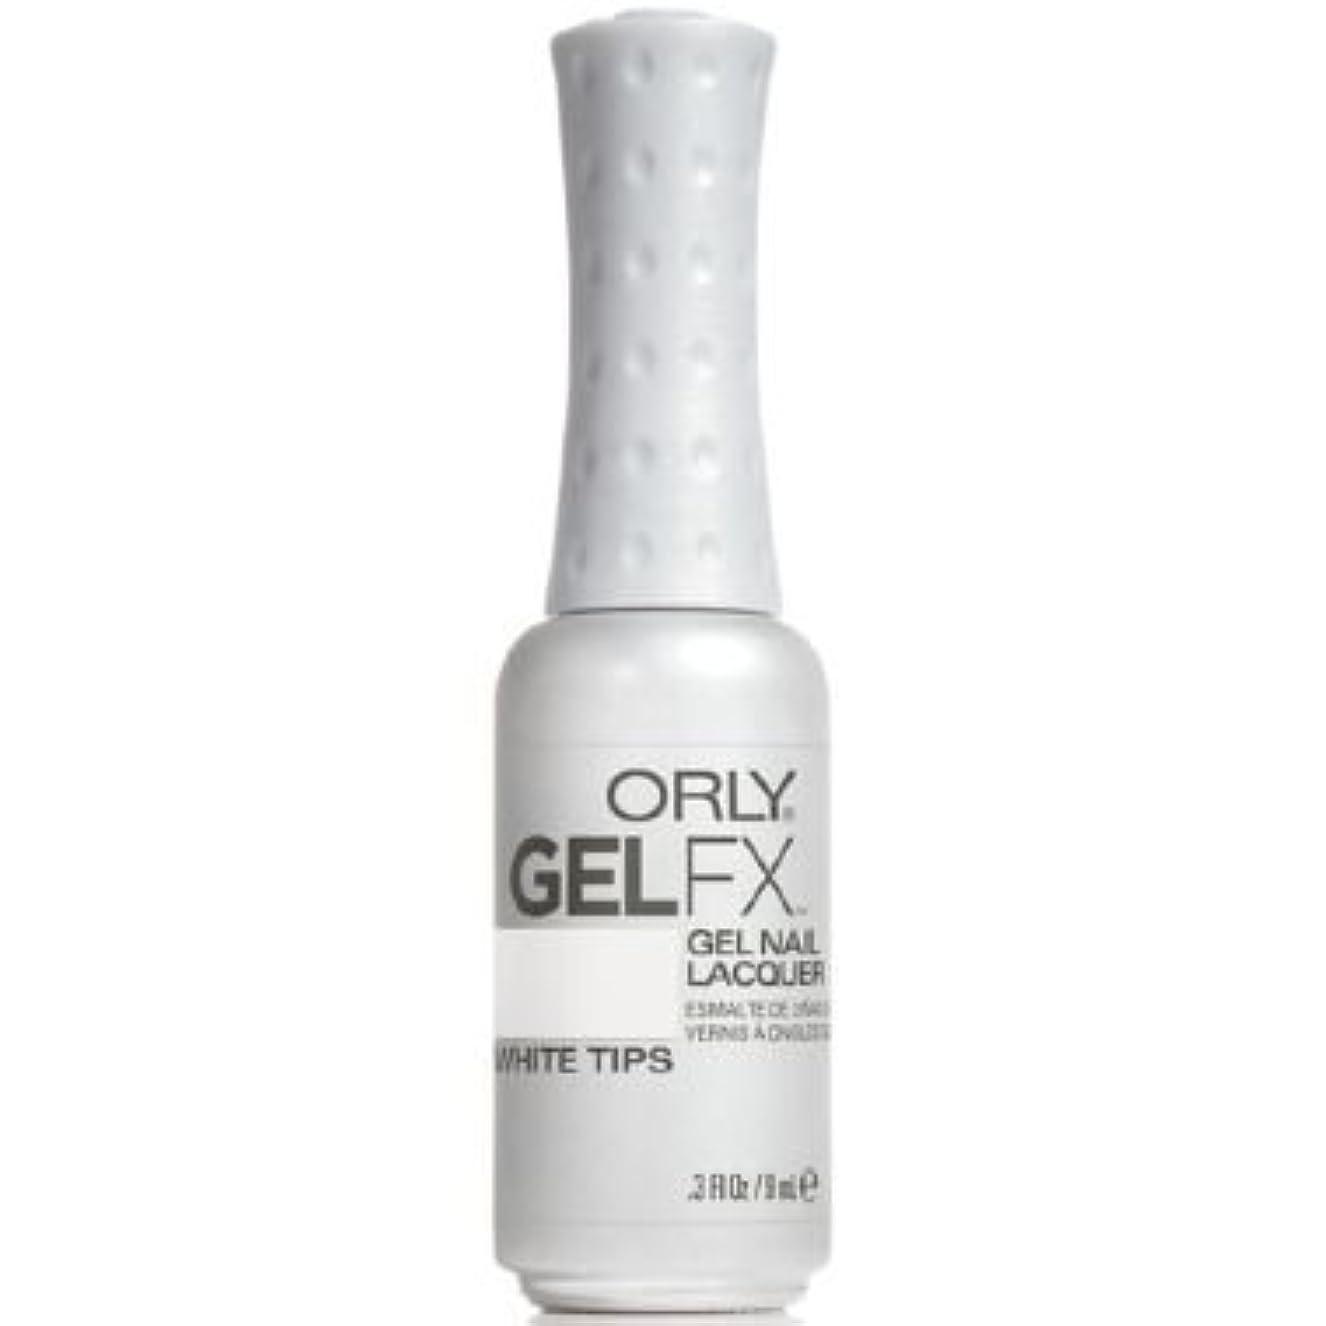 ファシズム権威本質的ではないOrly Gel FX Gel UV Vernis à Ongles/ Gel Polish - White Tips 9ml